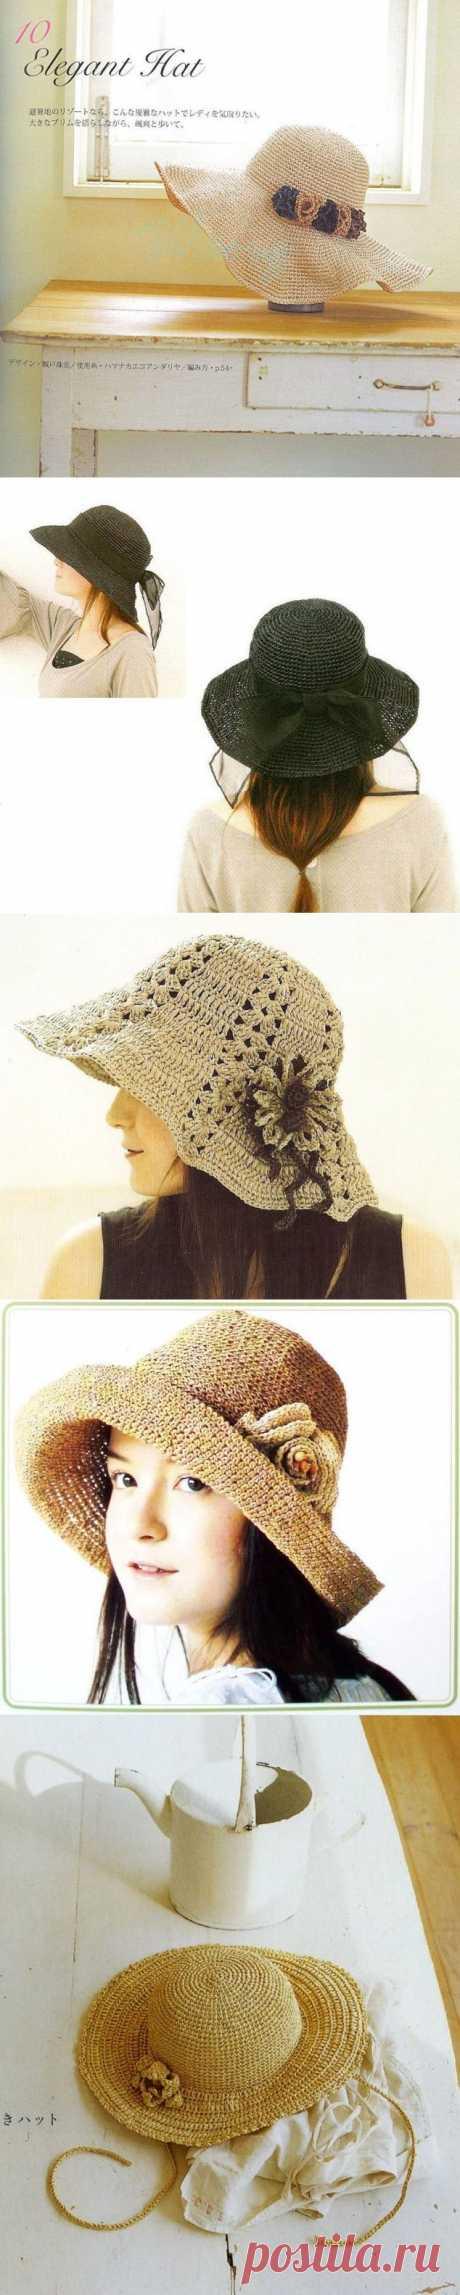 Элегантные шляпки - .